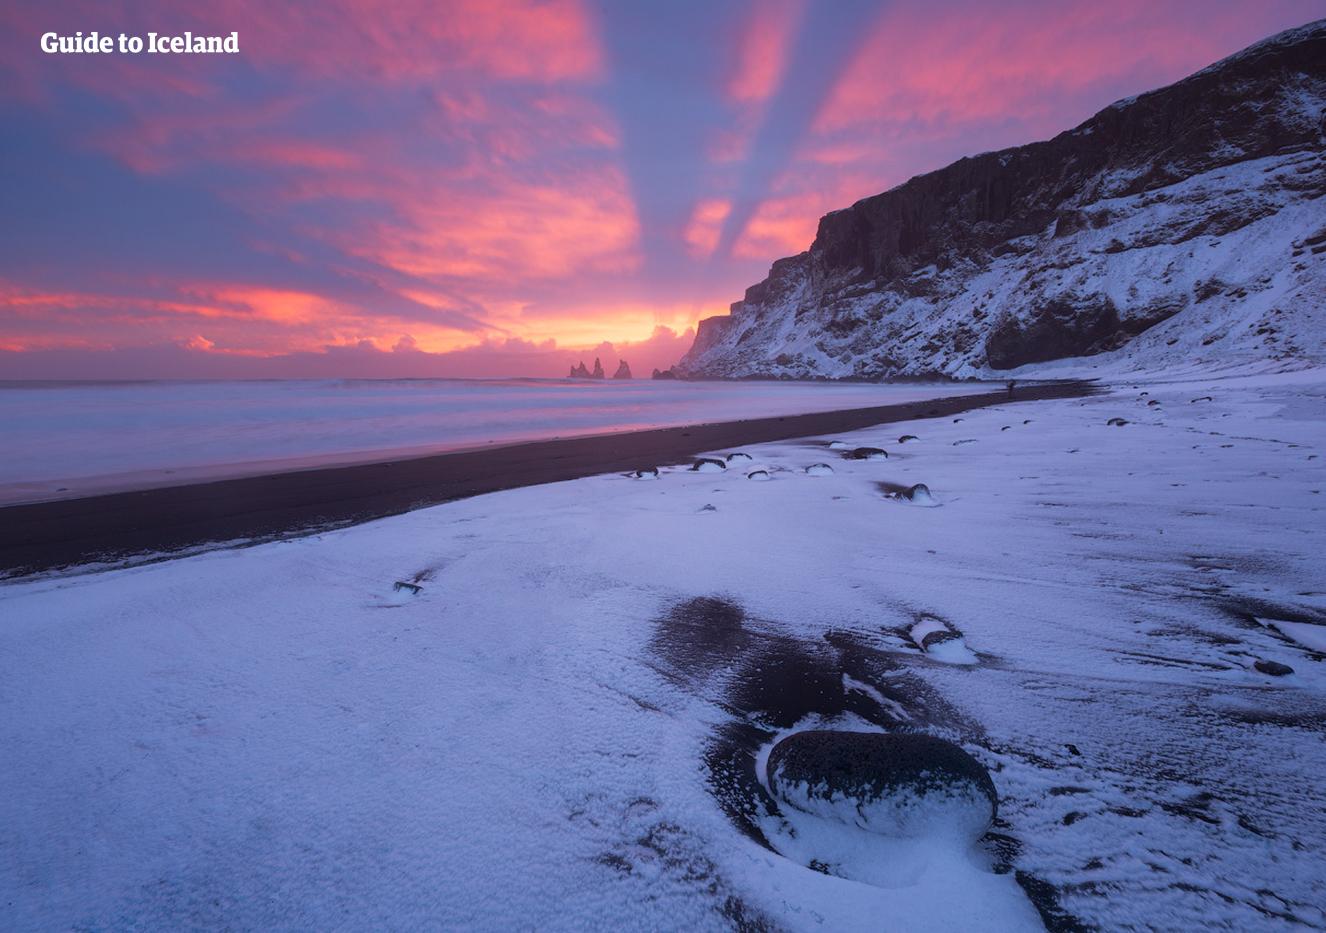 거친 파도가 몰아치는 아이슬란드의 레이니스퍄라 해변.